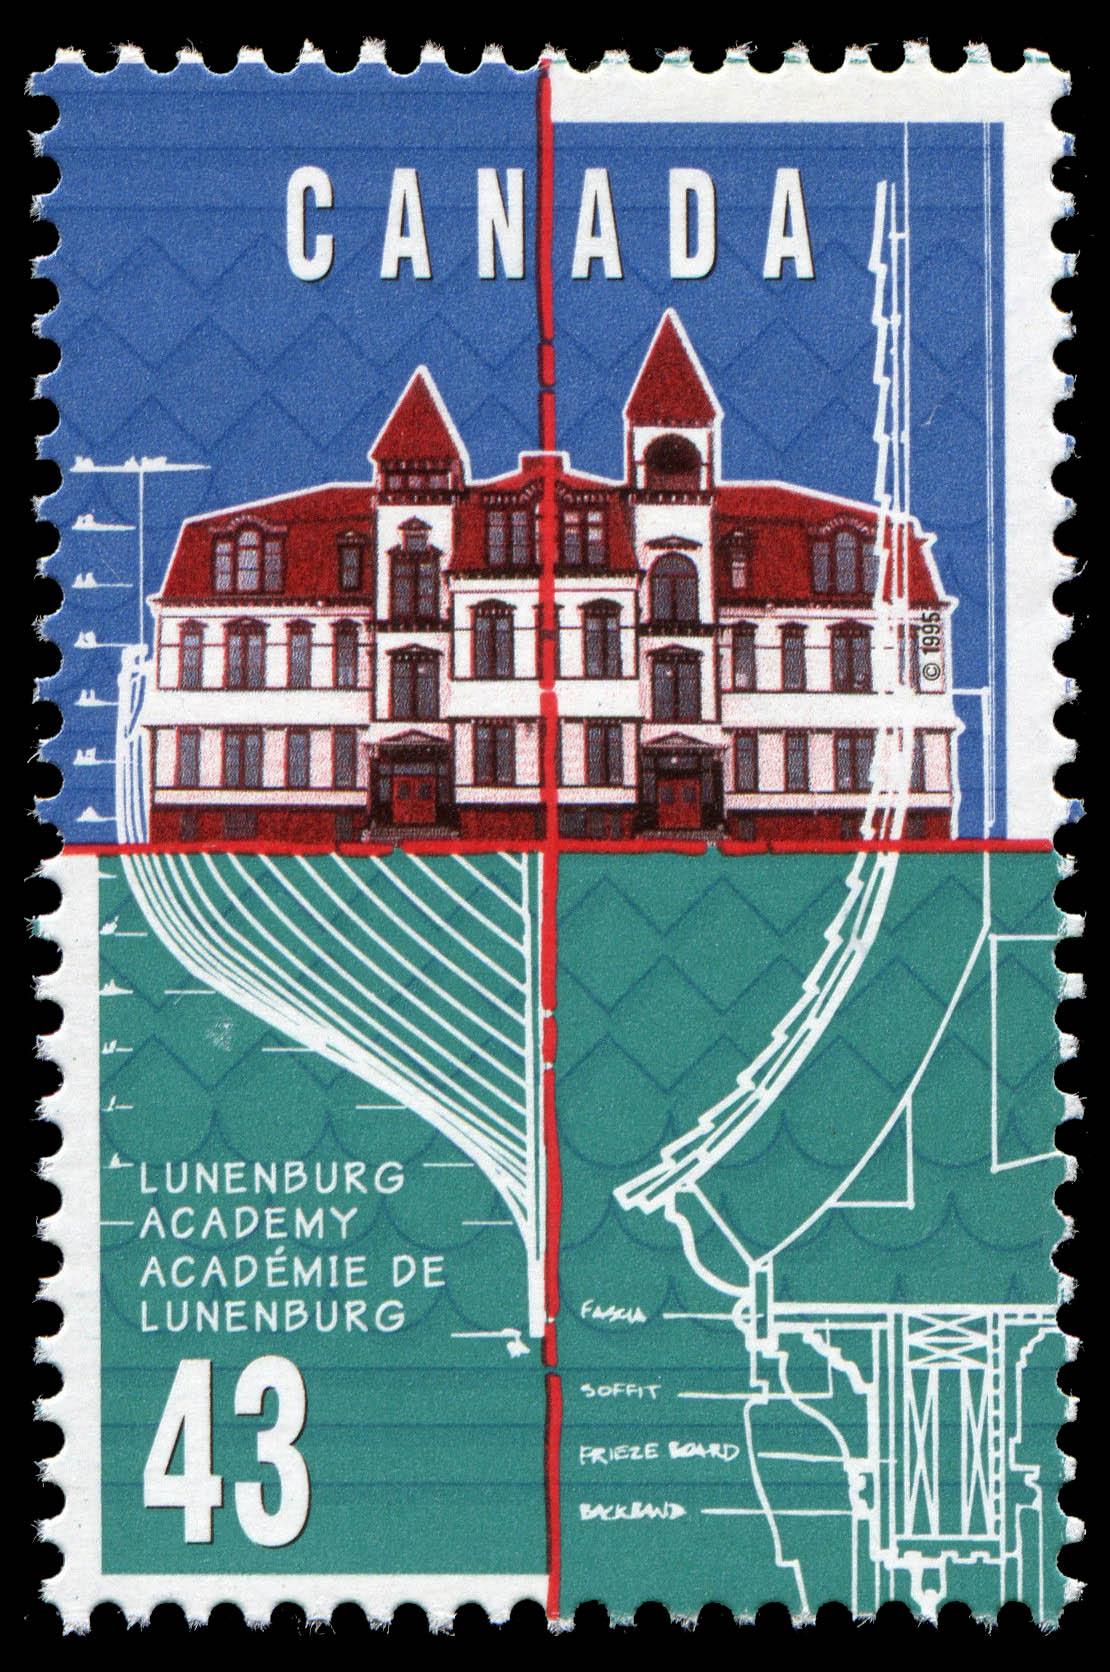 Lunenburg Academy Canada Postage Stamp